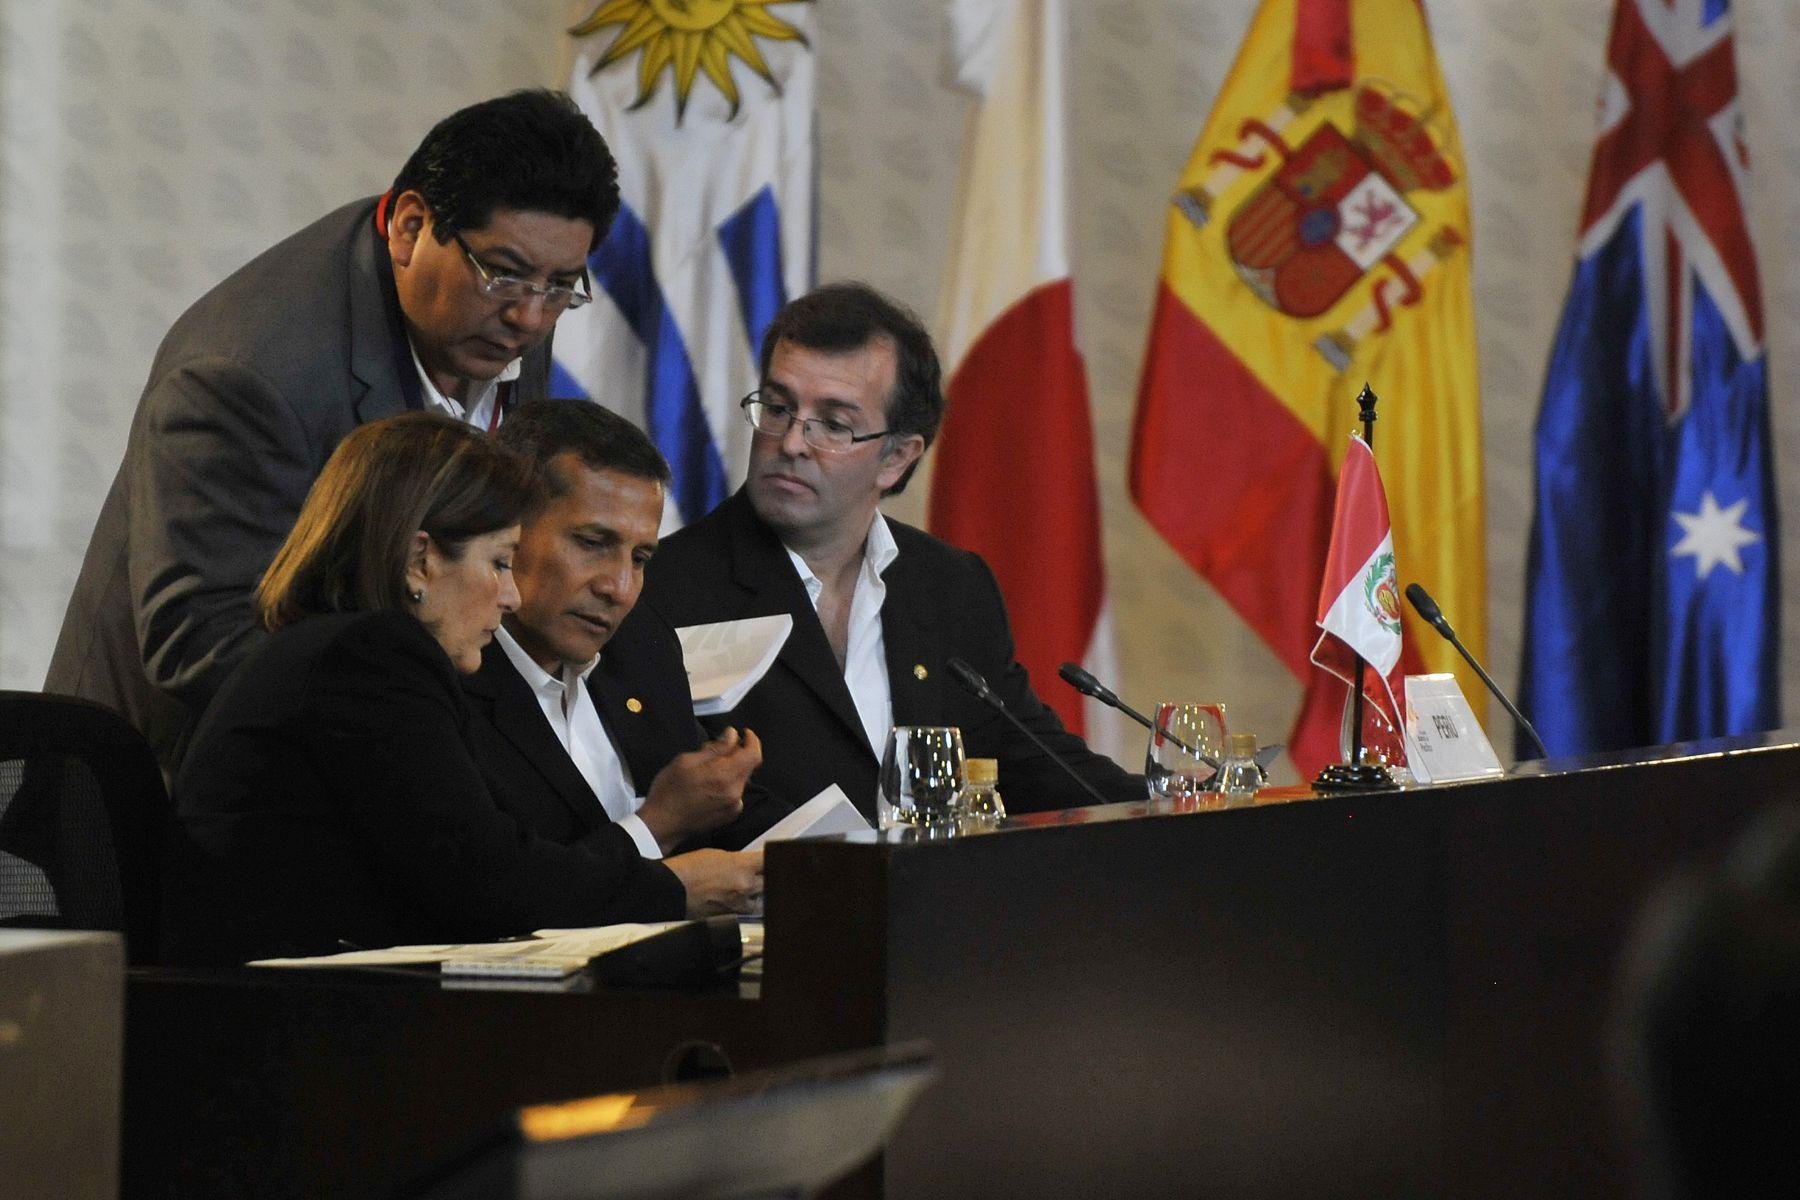 CALI,COLOMBIA MAYO 23. Presidente Ollanta Humala participó en inauguración de la VII Cumbre de la Alianza del Pacífico en Cali (Colombia), acompañado por la canciller Eda Rivas y titular de MINCETUR, José Luis Silva. Foto: ANDINA/ Prensa Presidencia